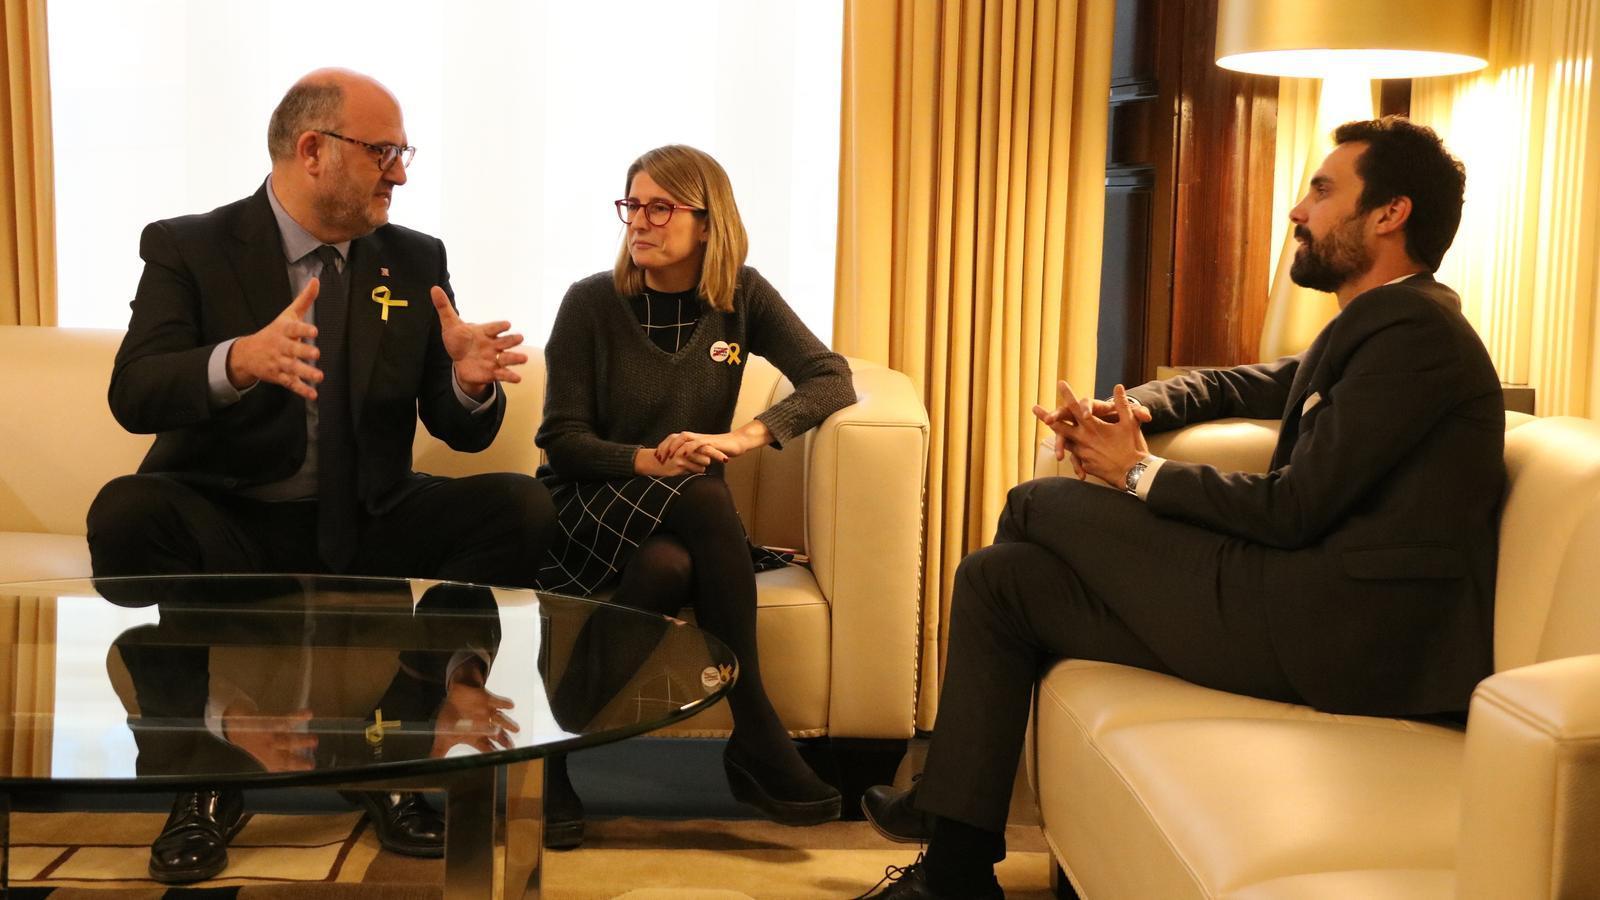 El president del Parlament, Roger Torrent, reunit amb els representants de JxCat, Eduard Pujol i Elsa Artadi